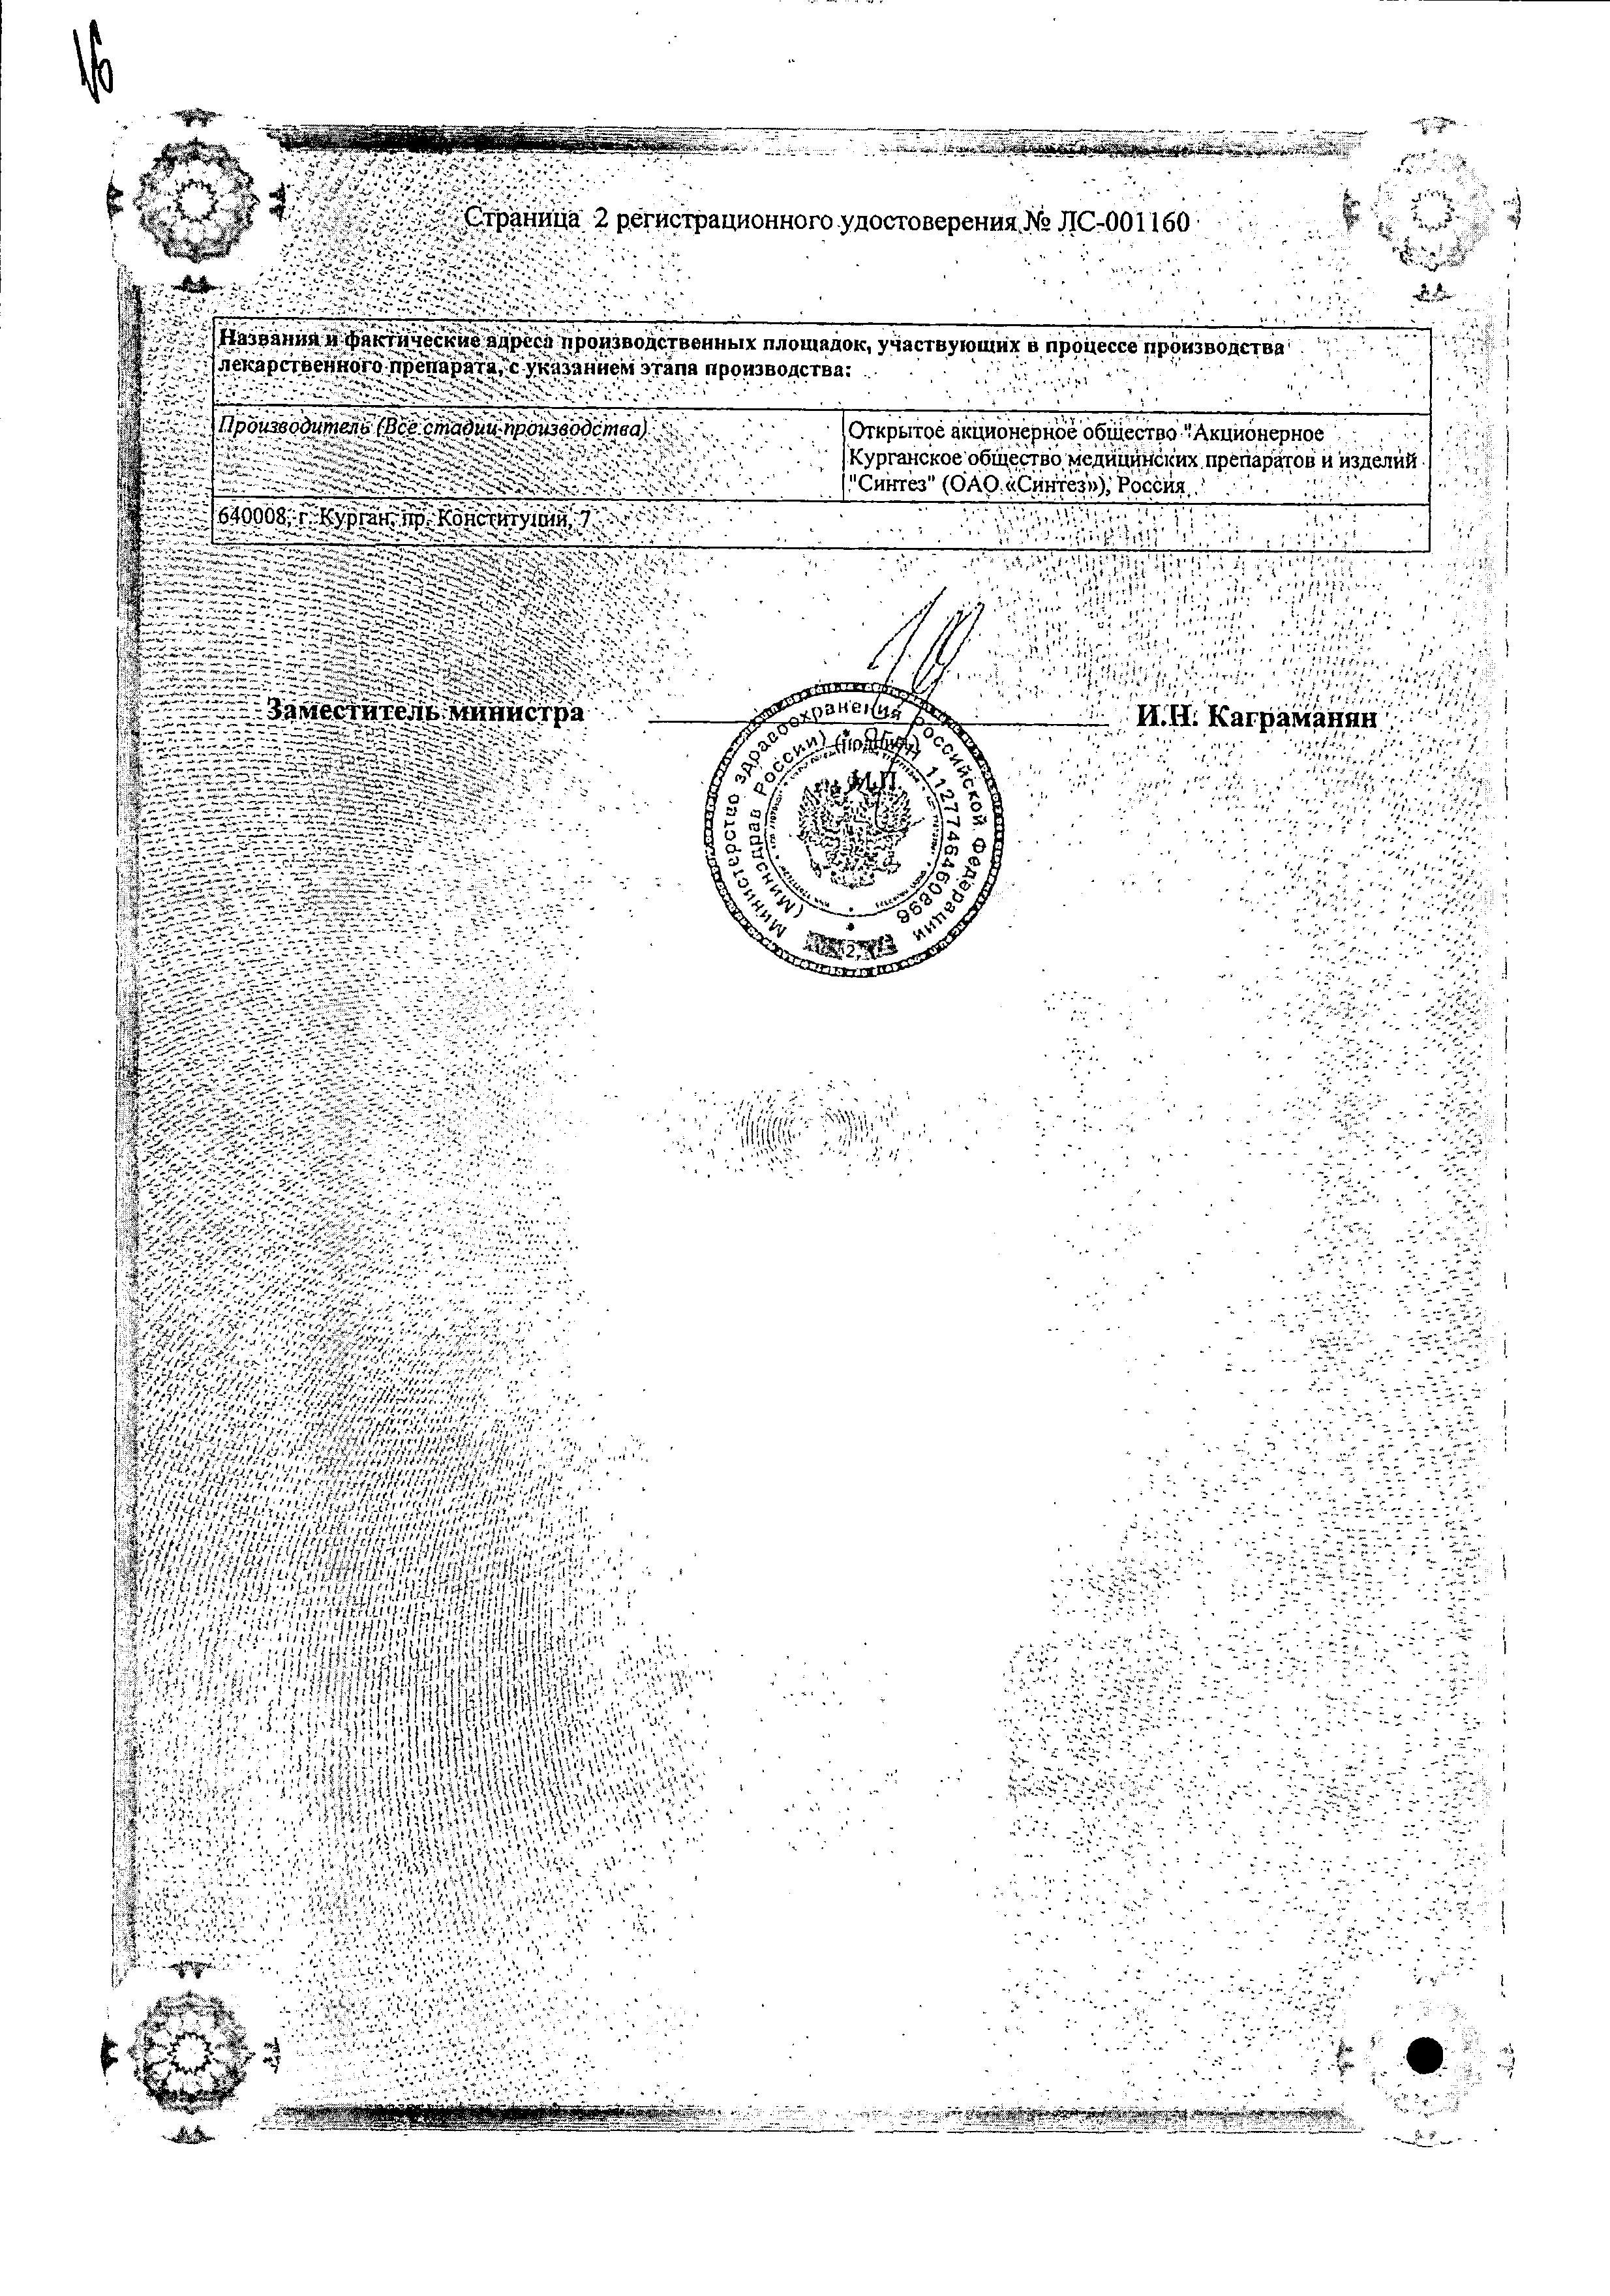 Цефурус сертификат